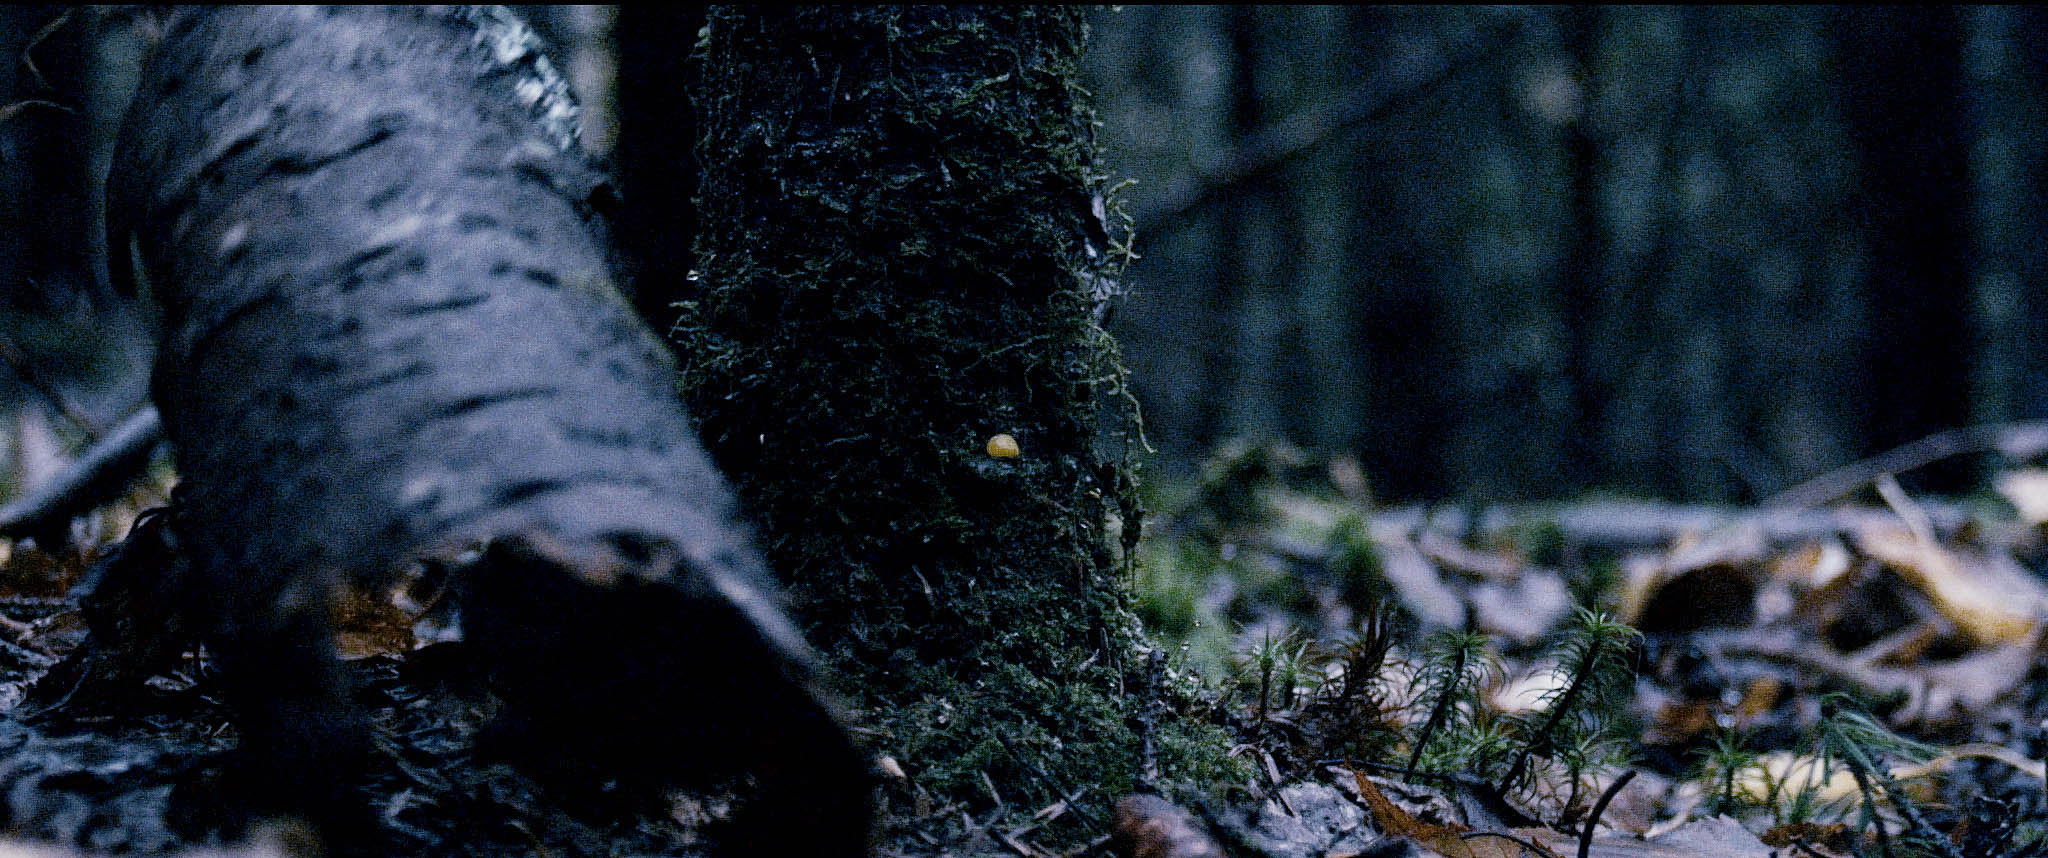 Pascal Grandmaison, La main du rêve, 2013, vidéo HD et son, 45m 22s